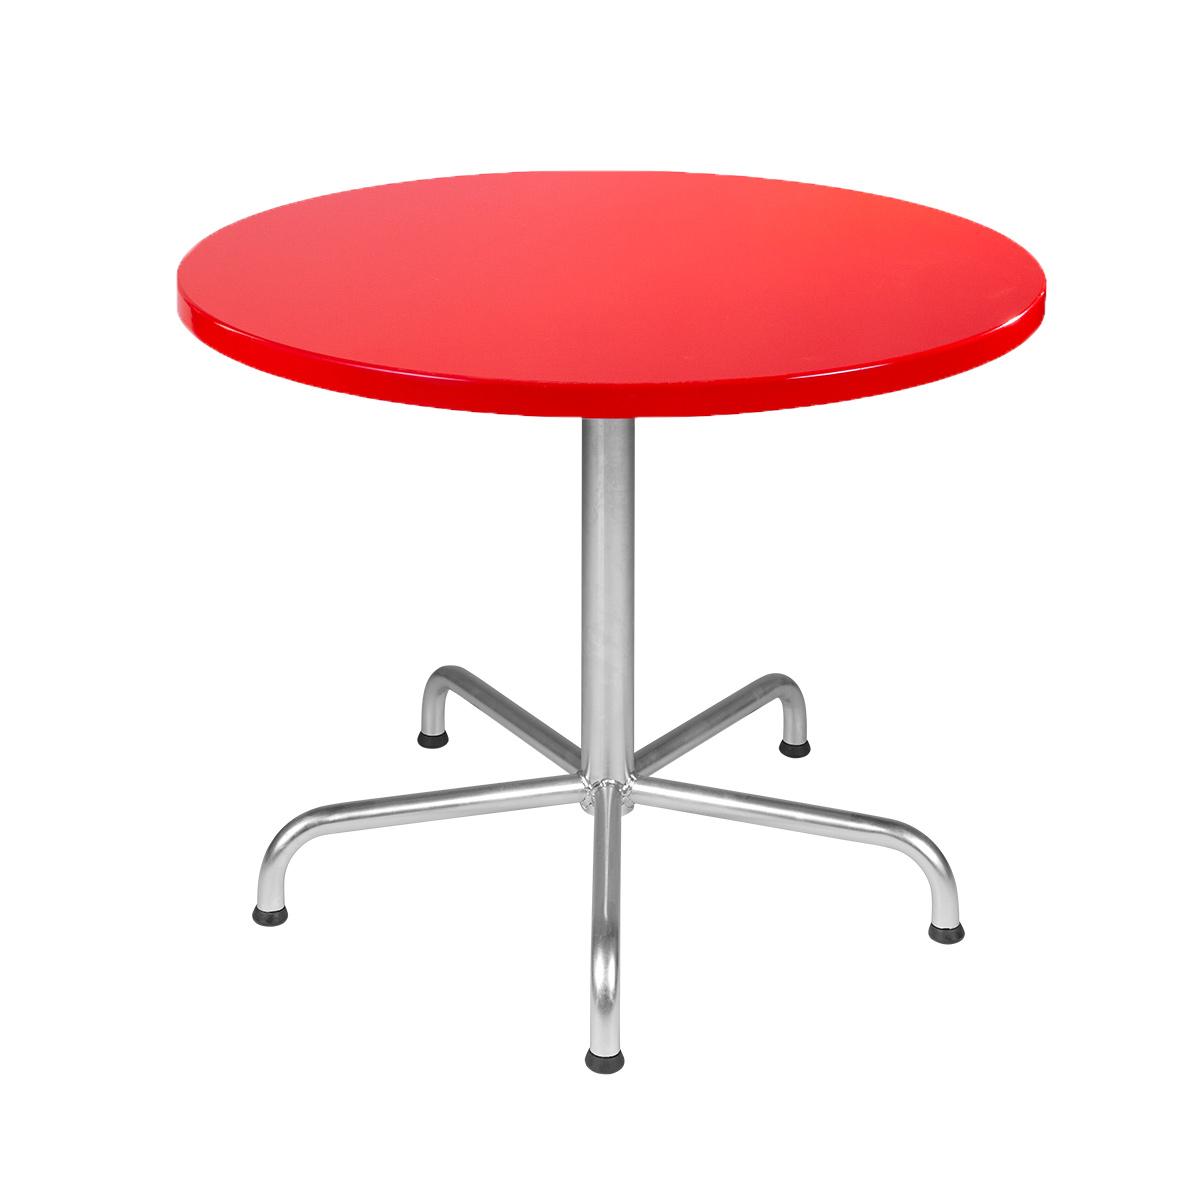 GFK Tisch verkehrsrot D100